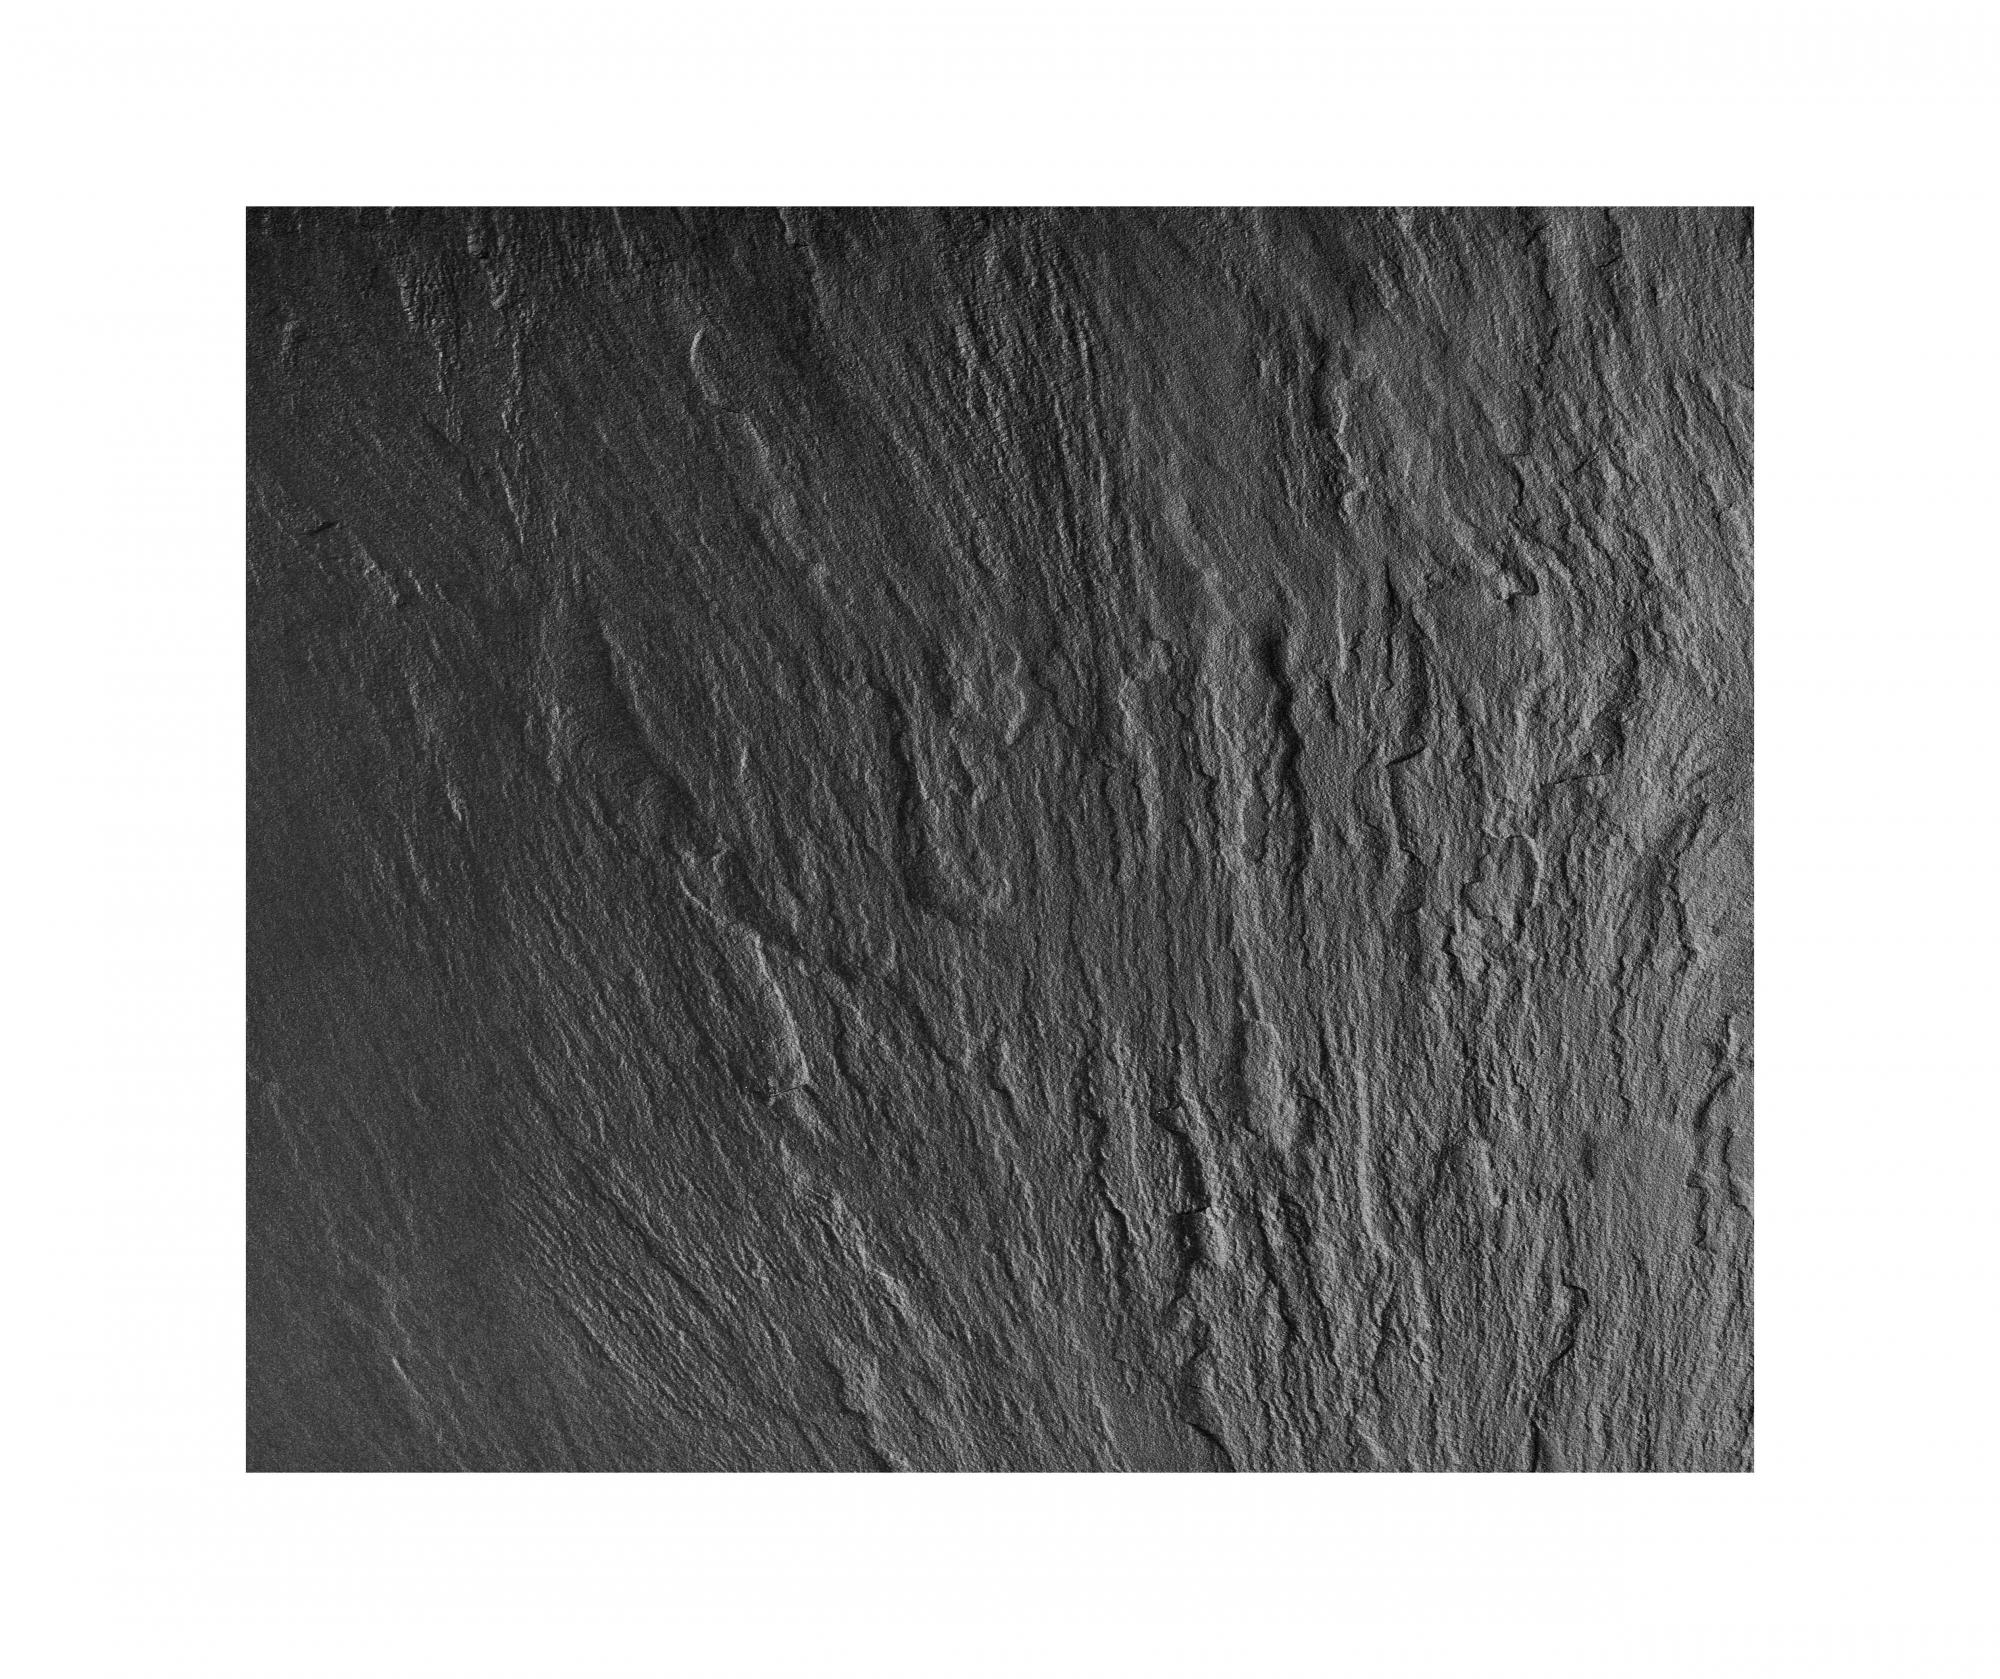 Plansa protectoare pentru perete Slate Rock 50x60 cm - Wenko, Gri & Argintiu poza